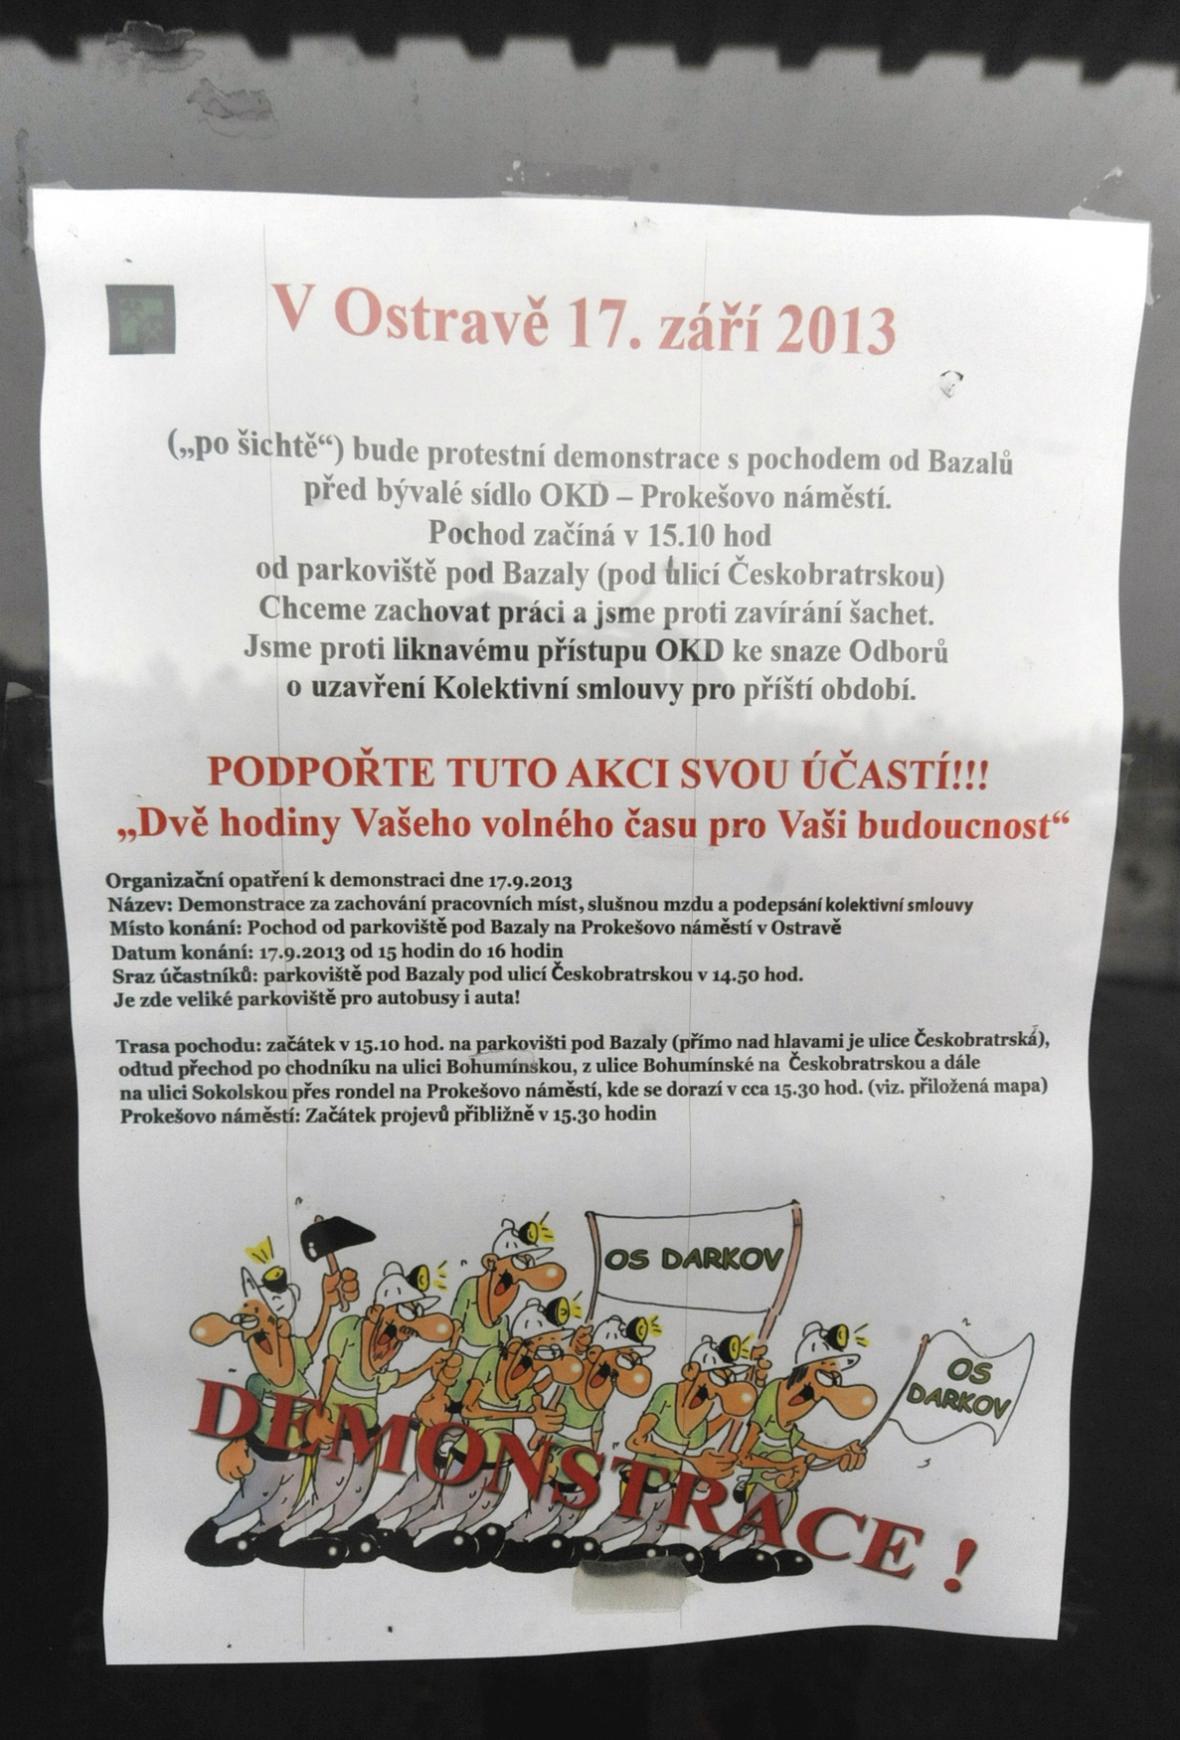 Plakát, který zve na demonstraci horníků